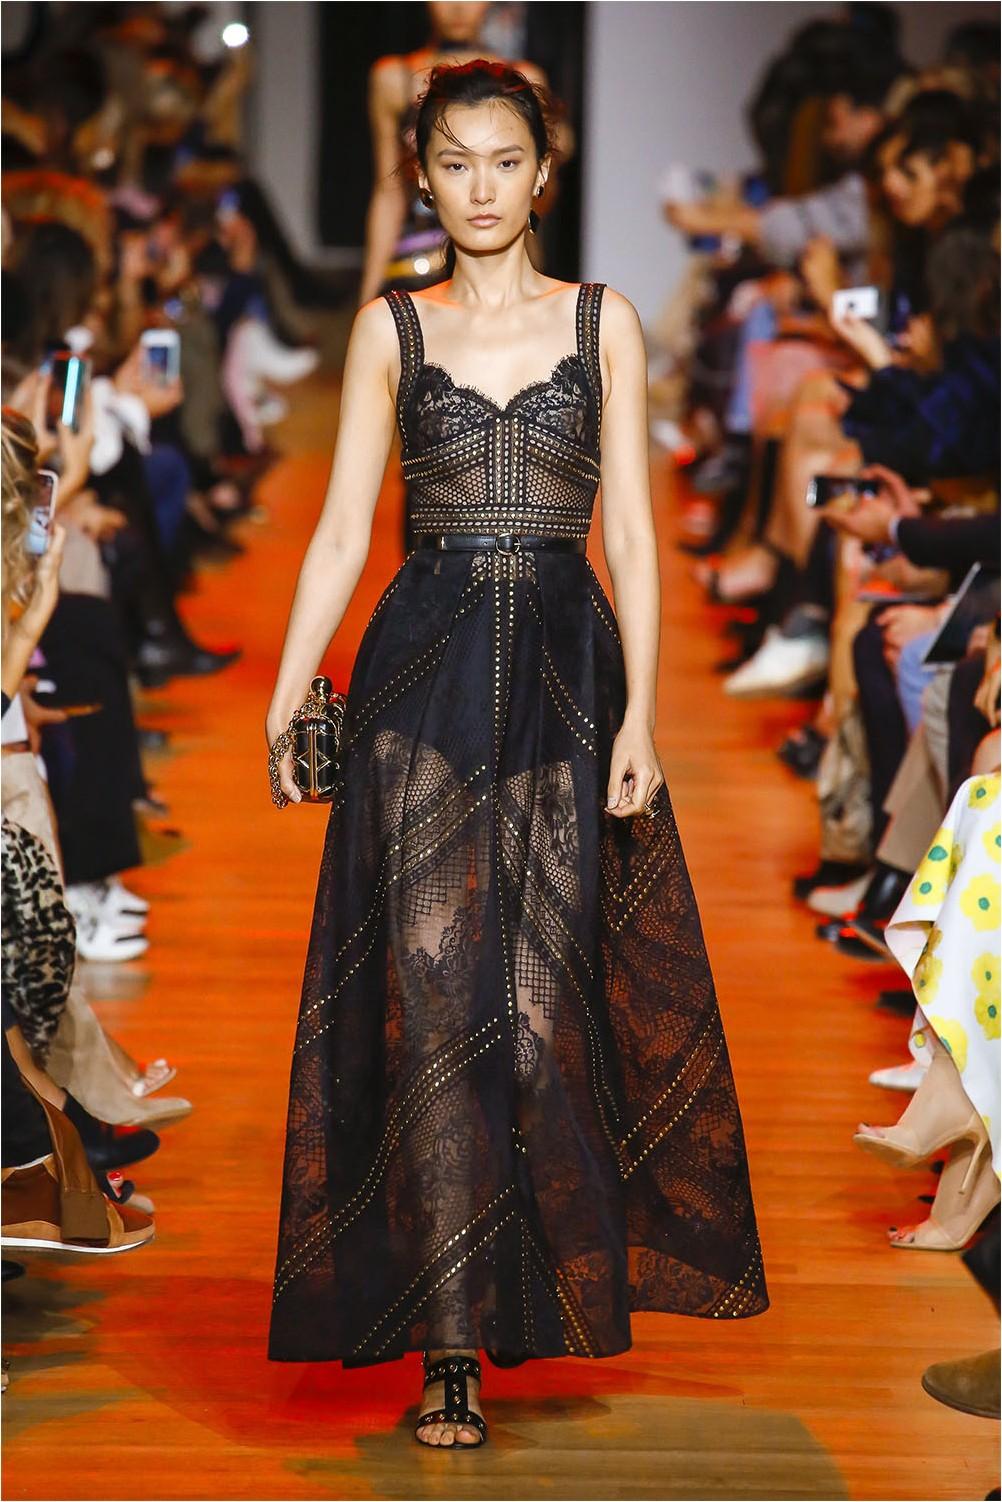 Sheer Elie Saab Dress